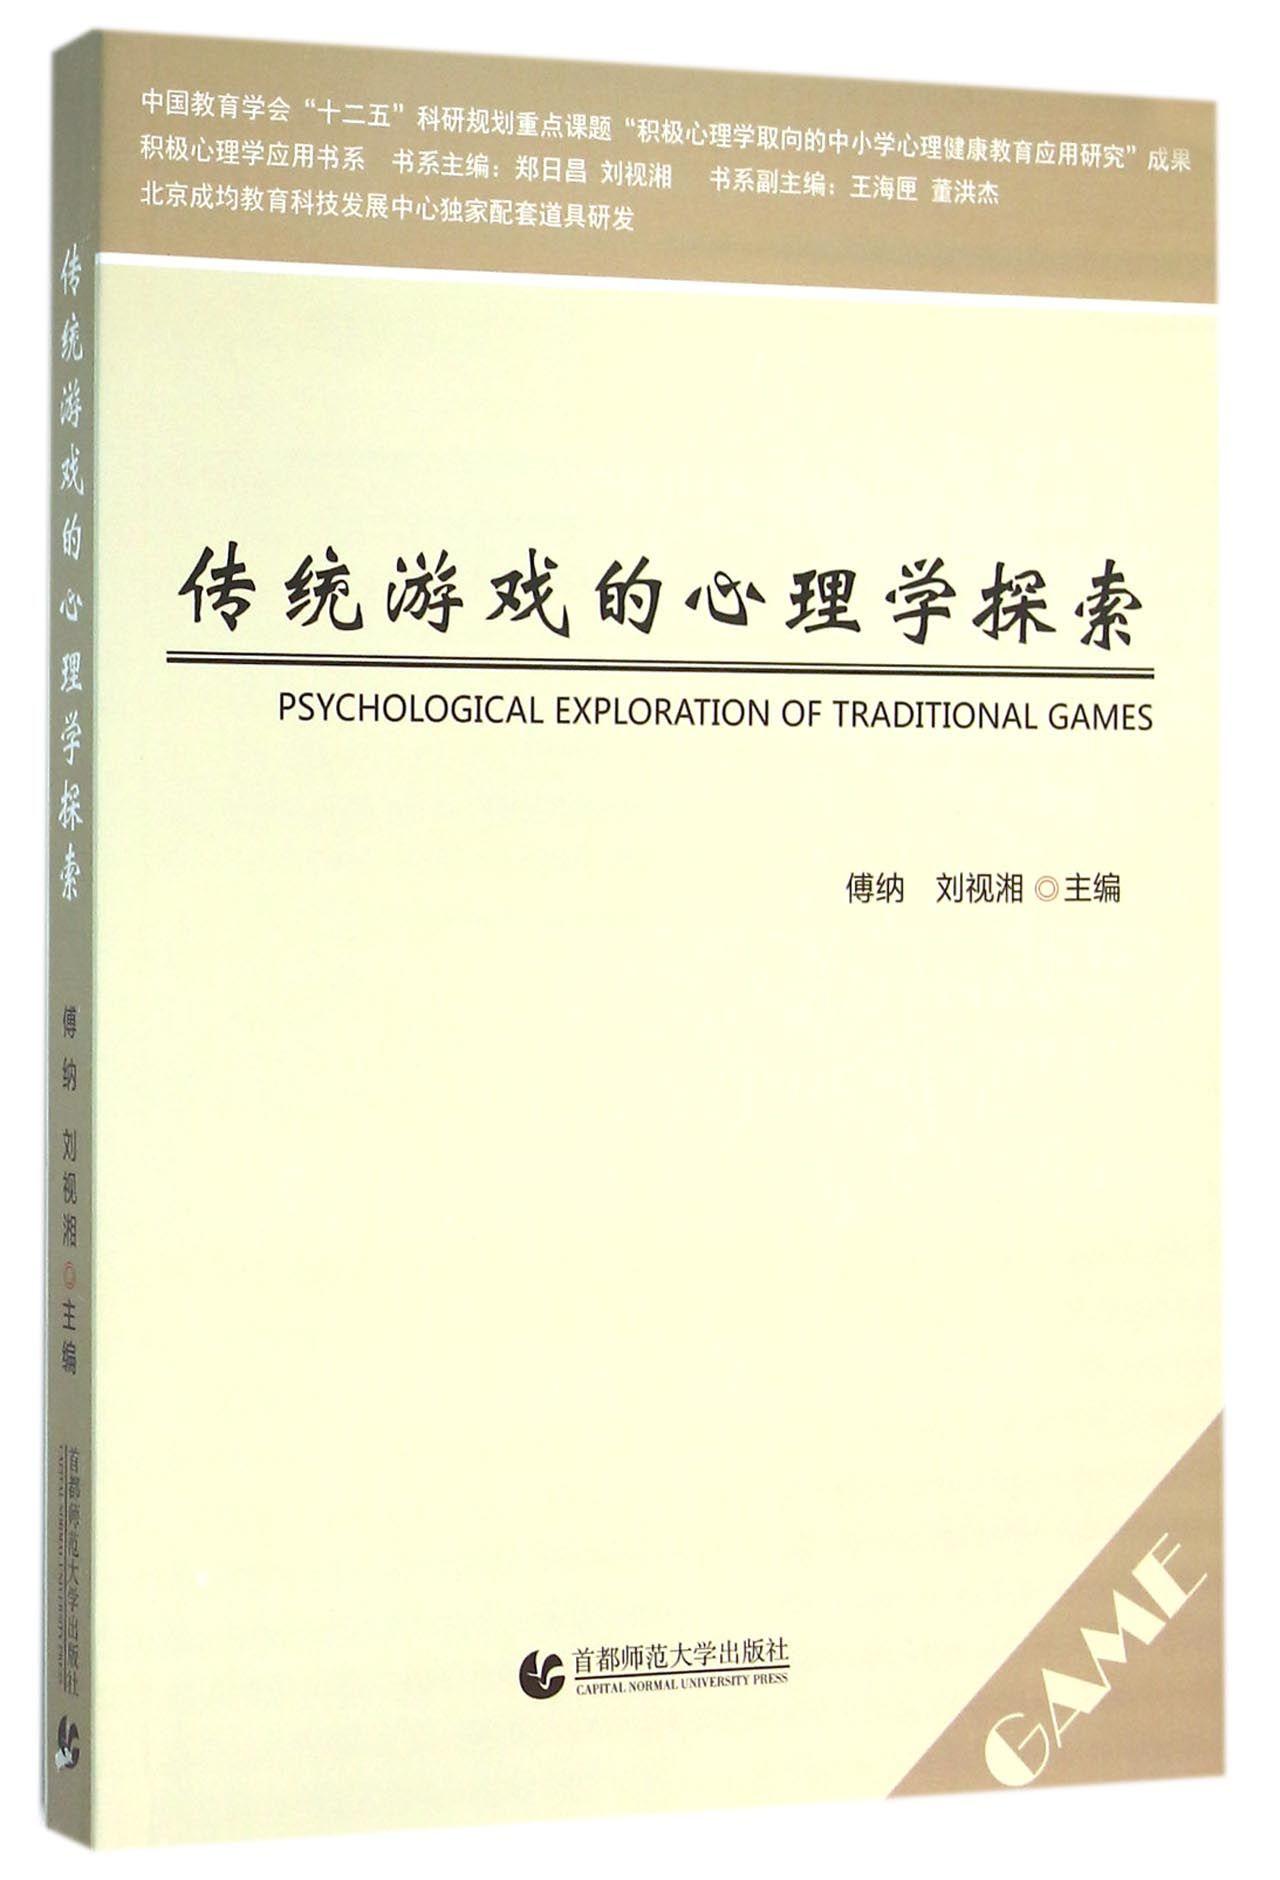 傳統遊戲的心理學探索